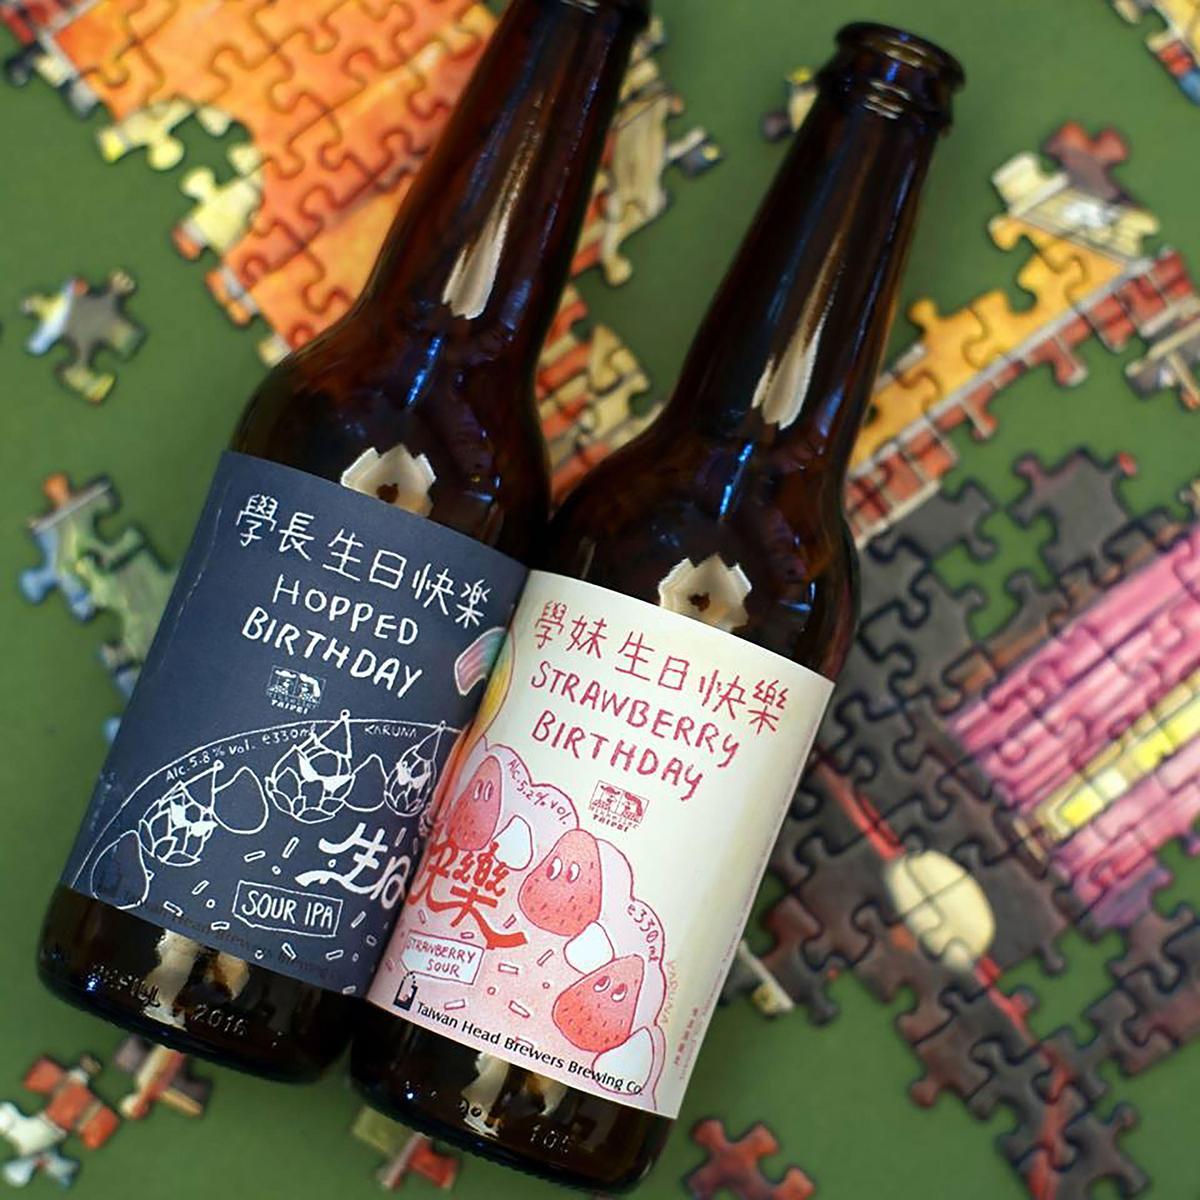 草莓釀造的酸啤酒「學妹生日快樂」合體滿滿啤酒花酸啤酒「學長生日快樂」,詼諧標籤圖案組成蛋糕造型,今年已銷售一空,明年會推復刻版。